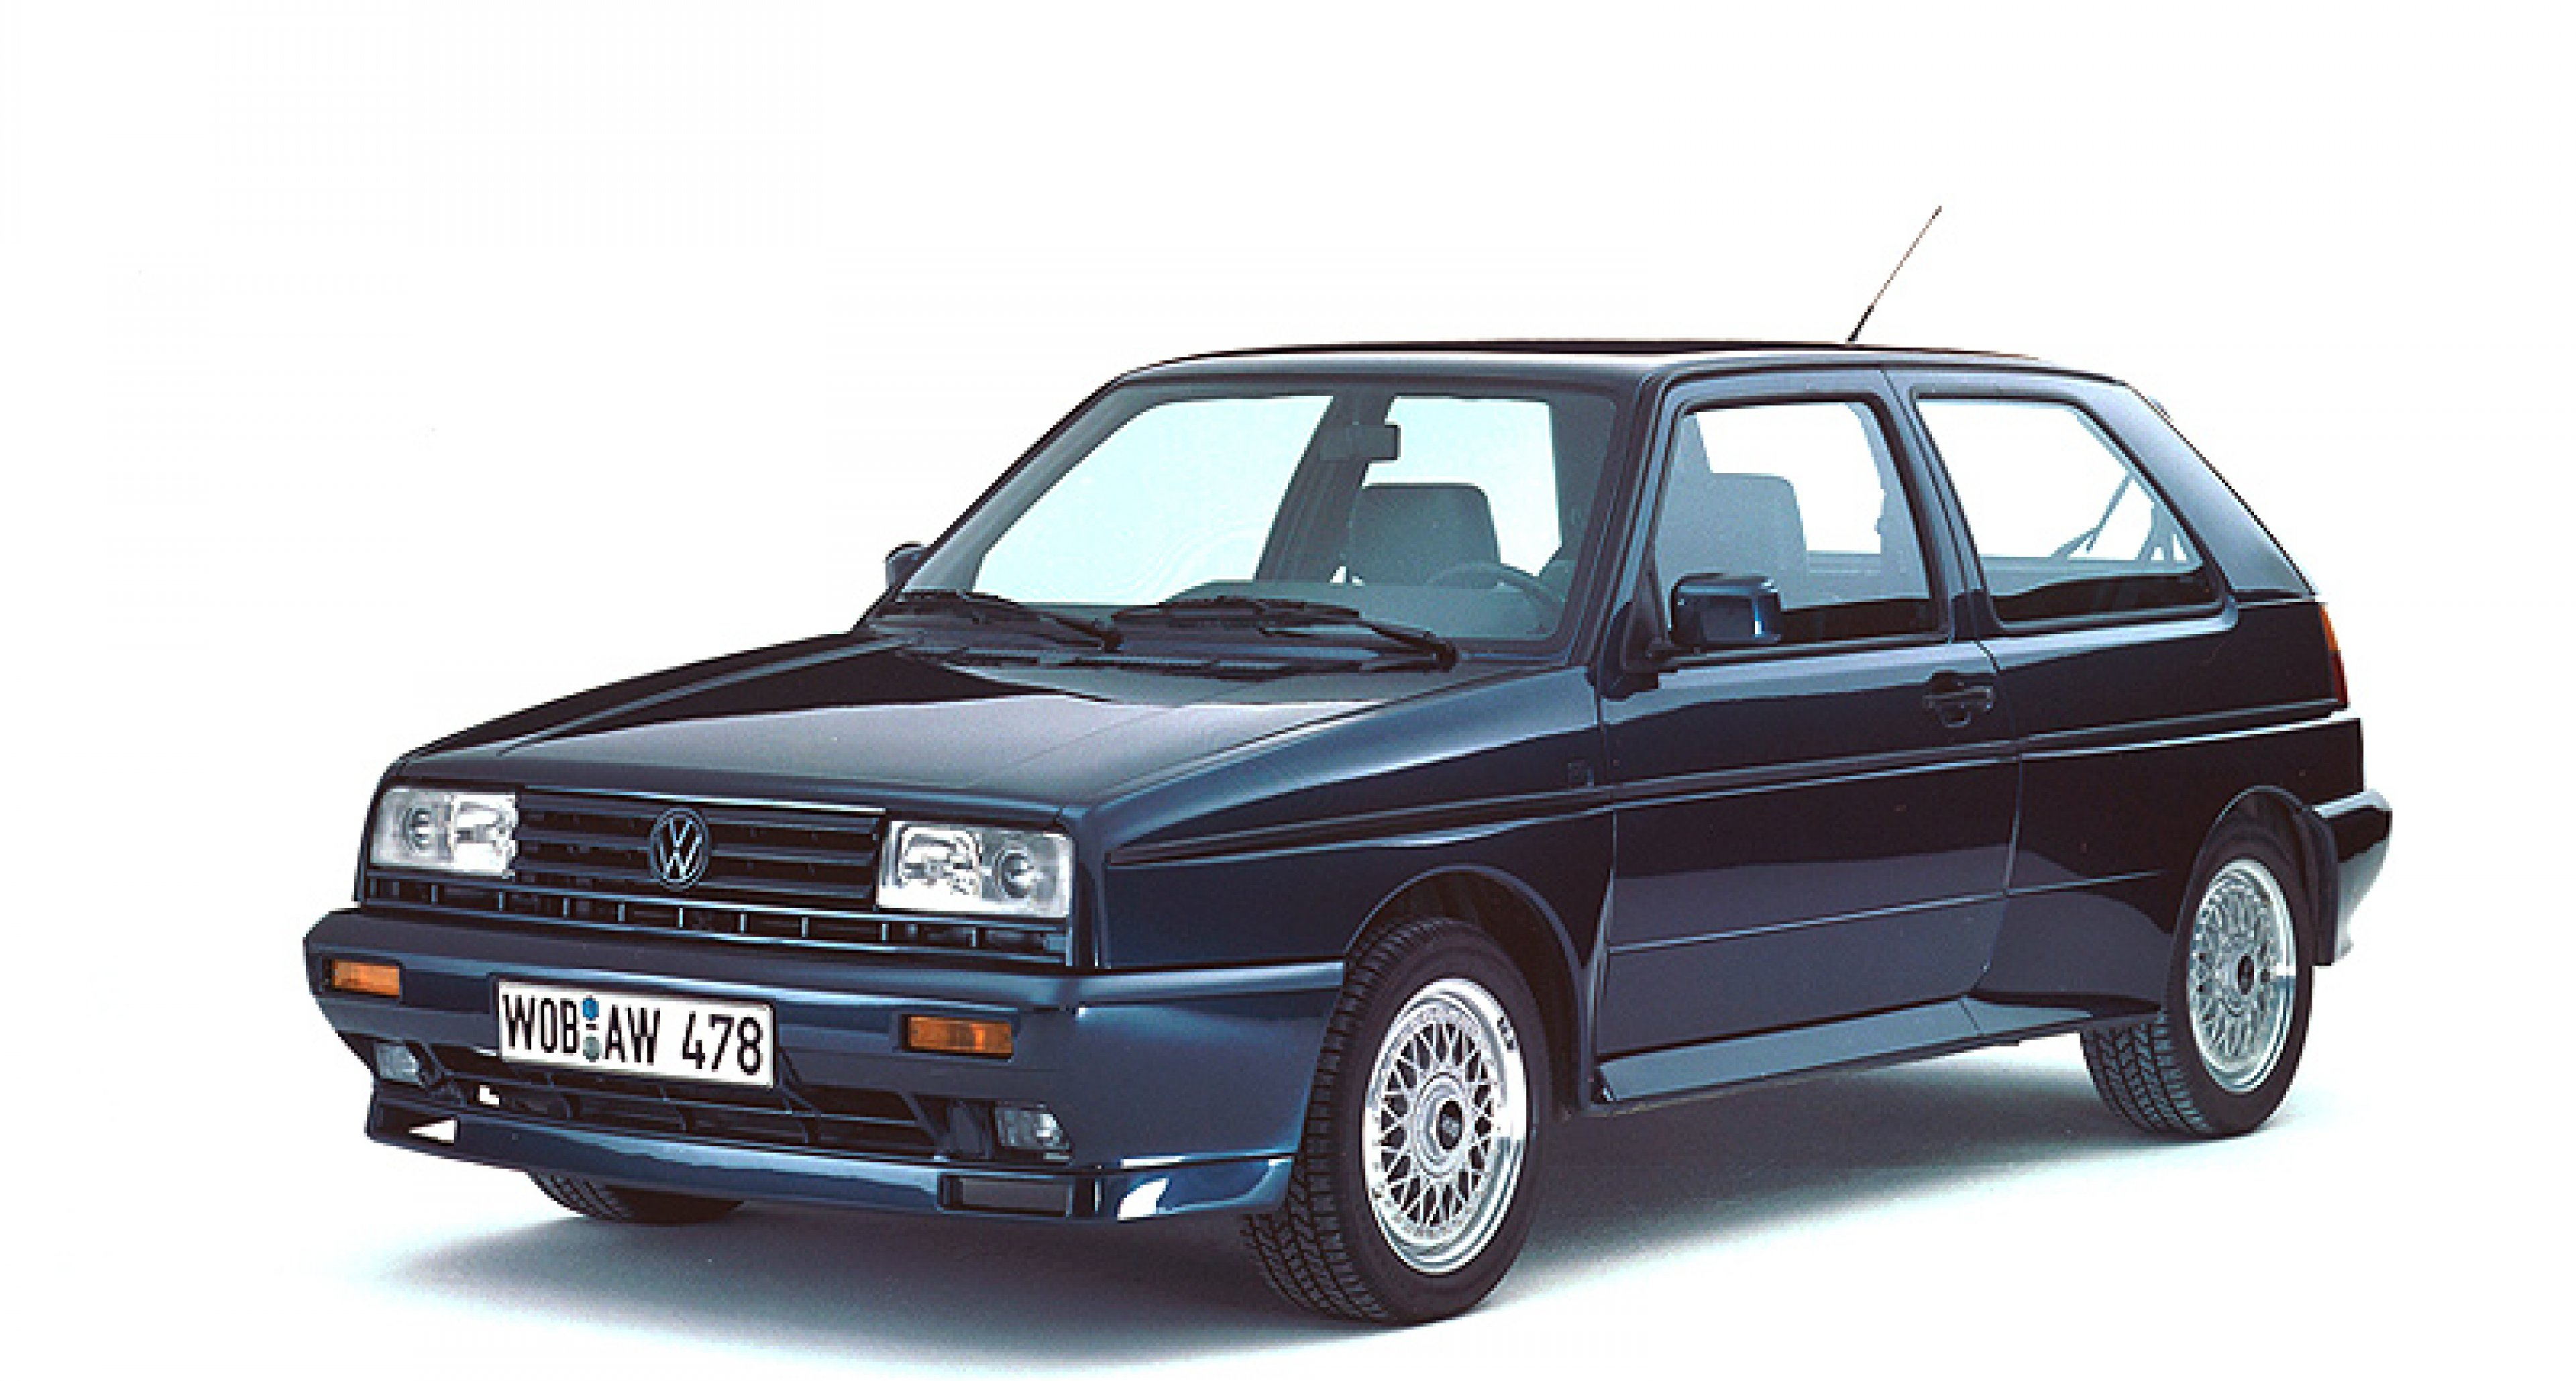 VW Golf GTI: Drei Buchstaben, dreieinhalb Jahrzehnte